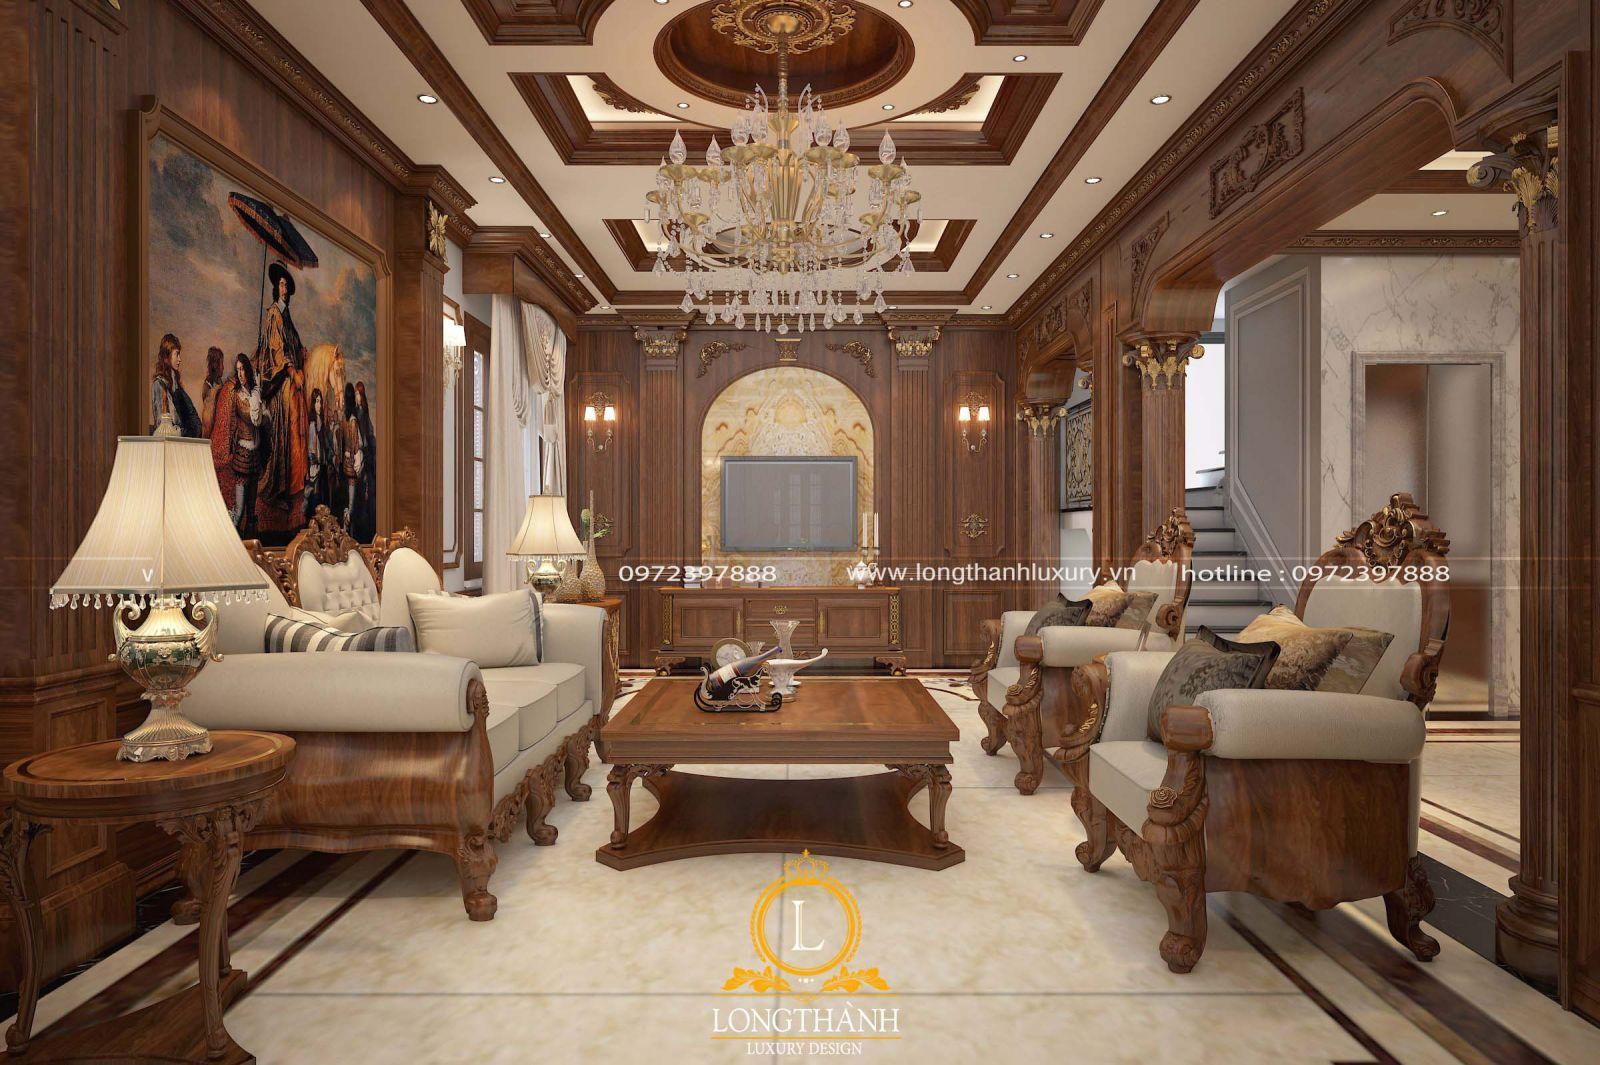 Một số đặc điểm và các yêu cầu khi thiết kế nội thất cho biệt thự song lập